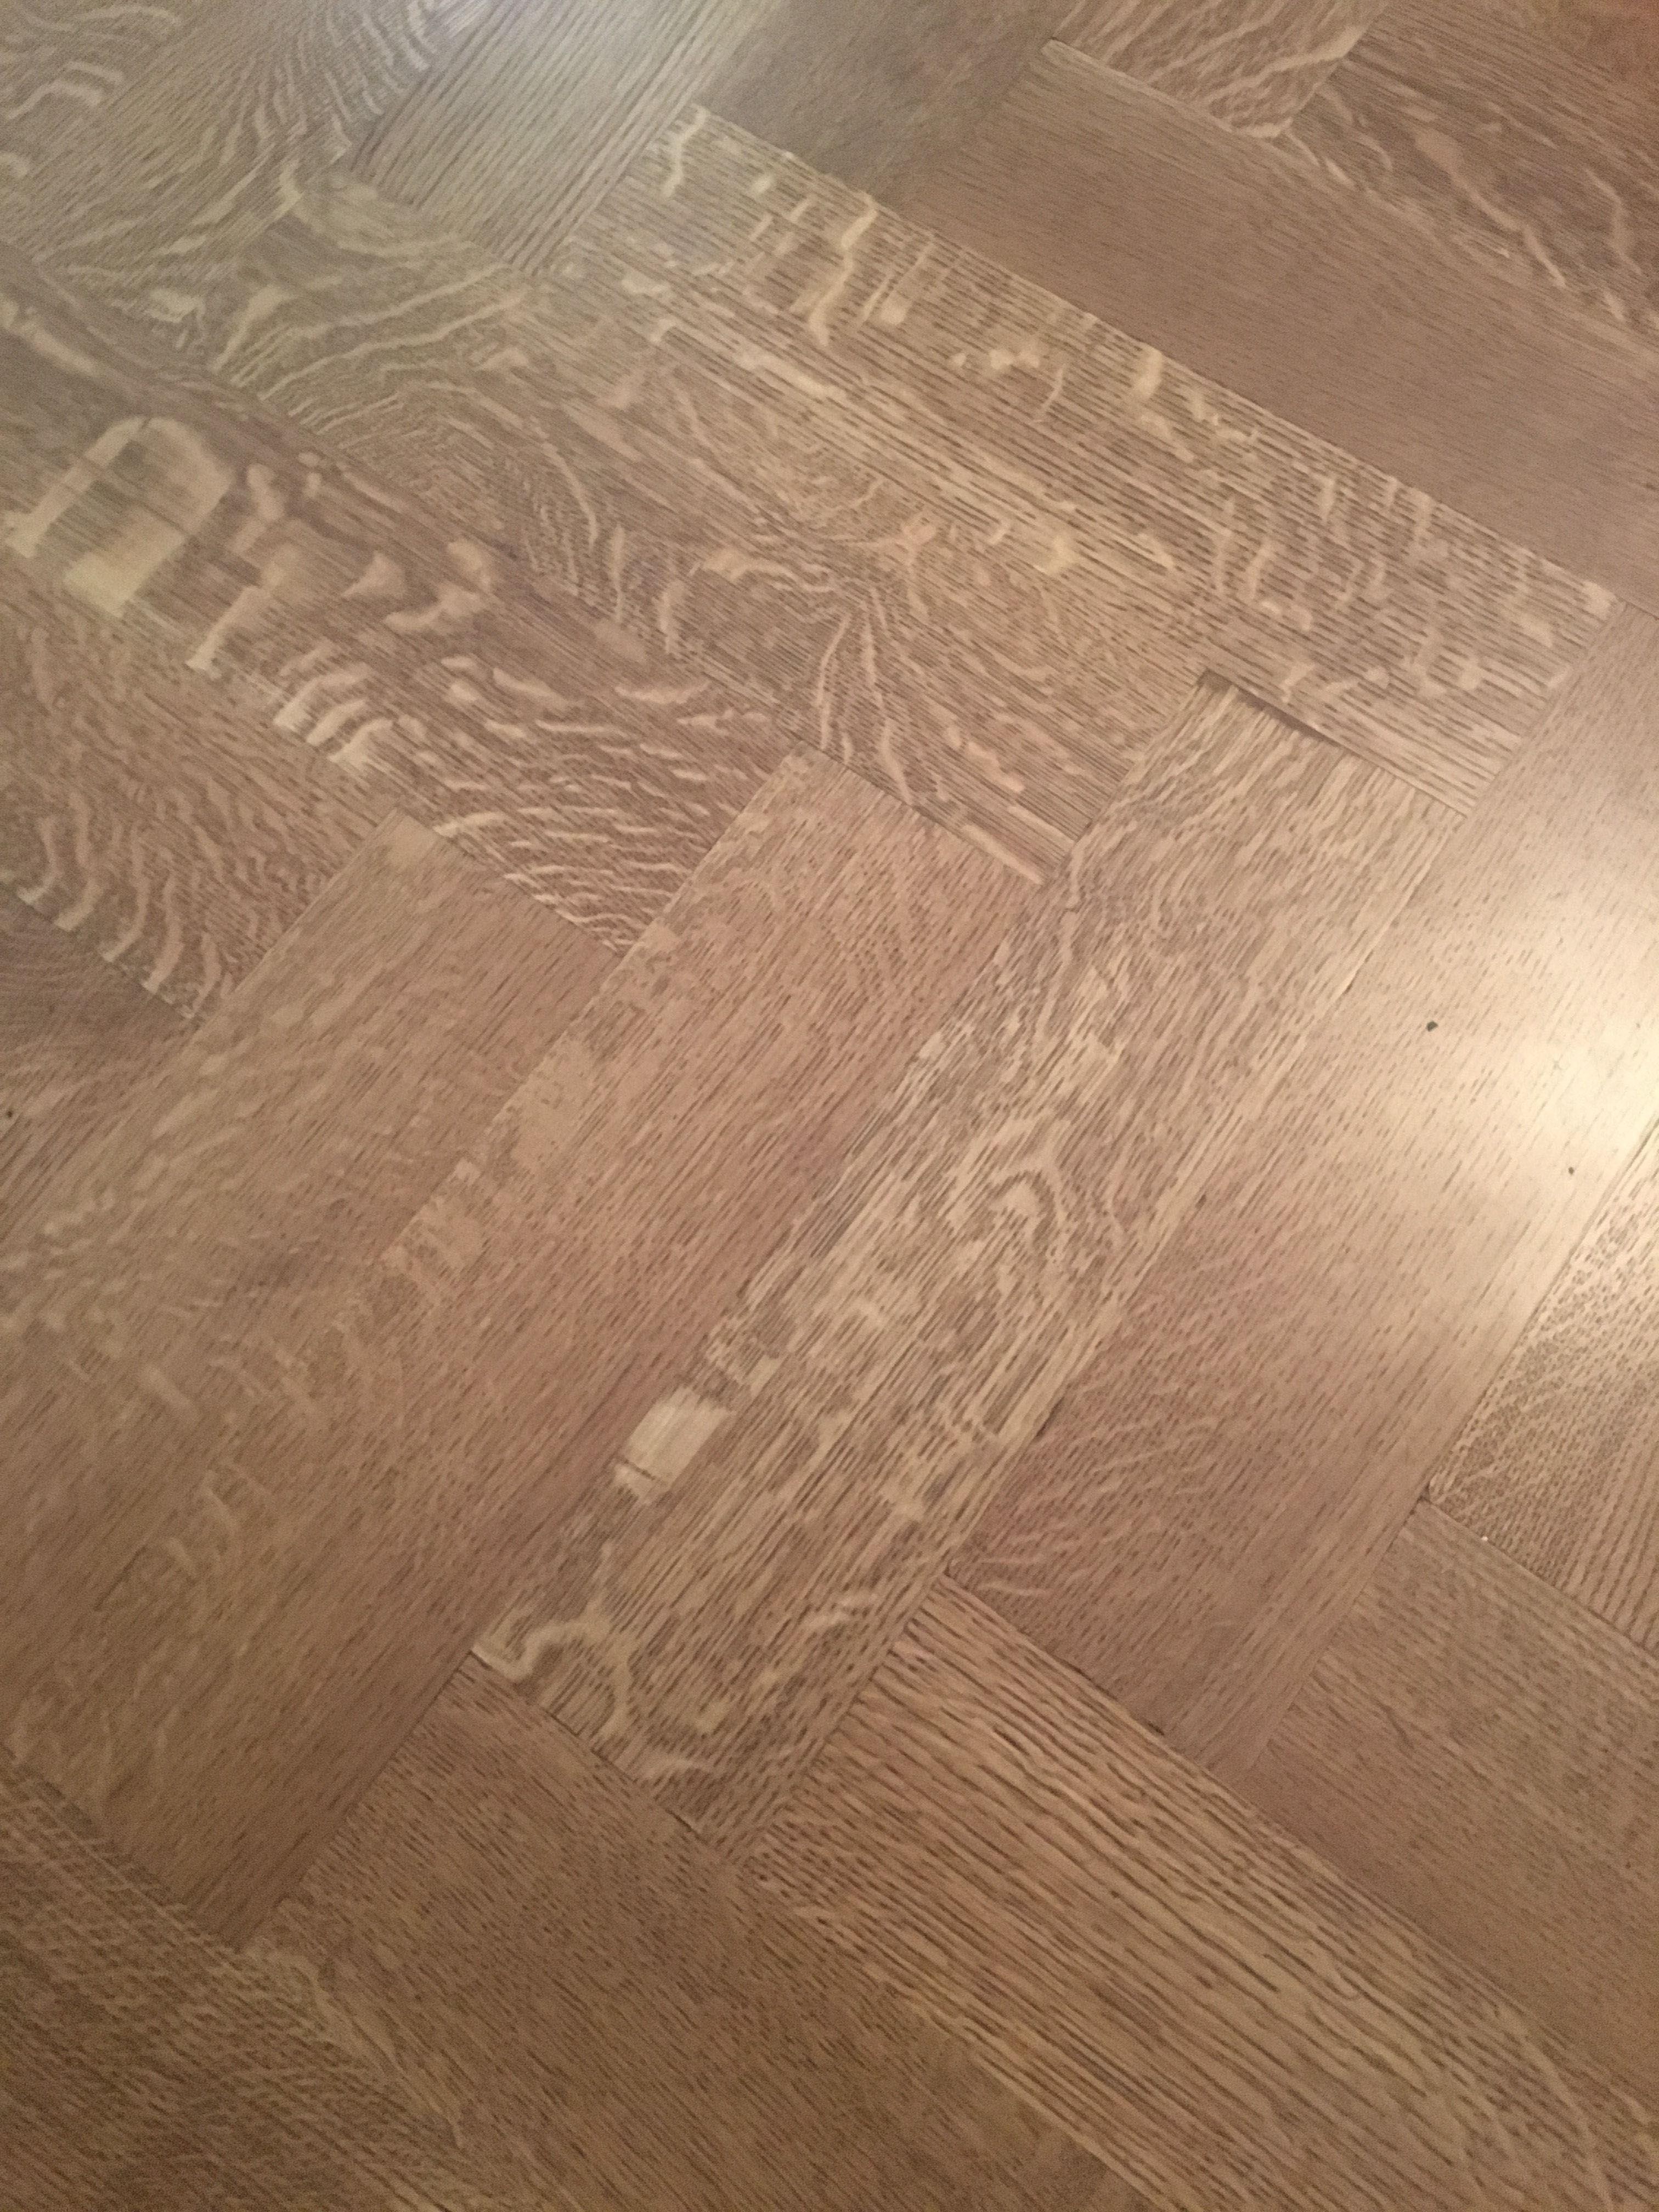 7 Advantages Of White Oak Hardwood Flooring White Oak Floors